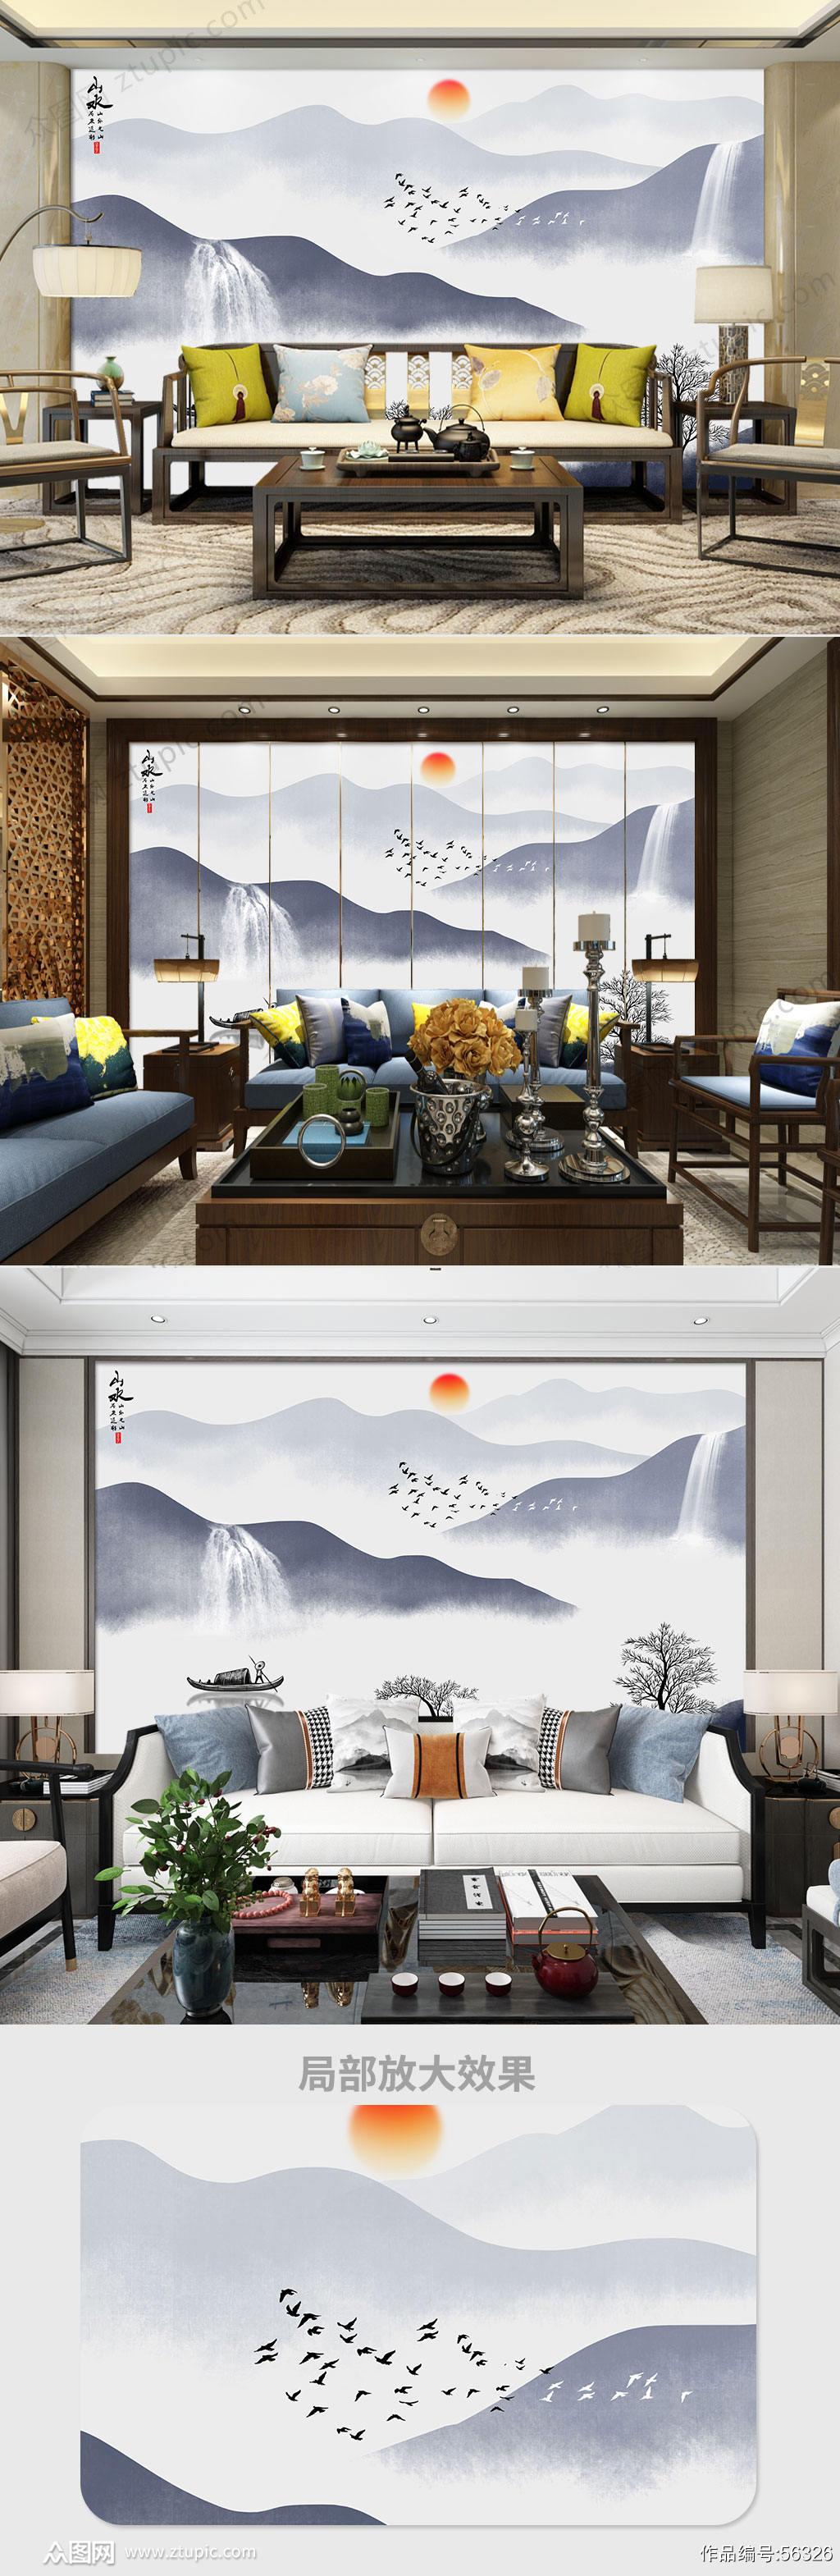 新中式禅意水墨山水背景墙素材